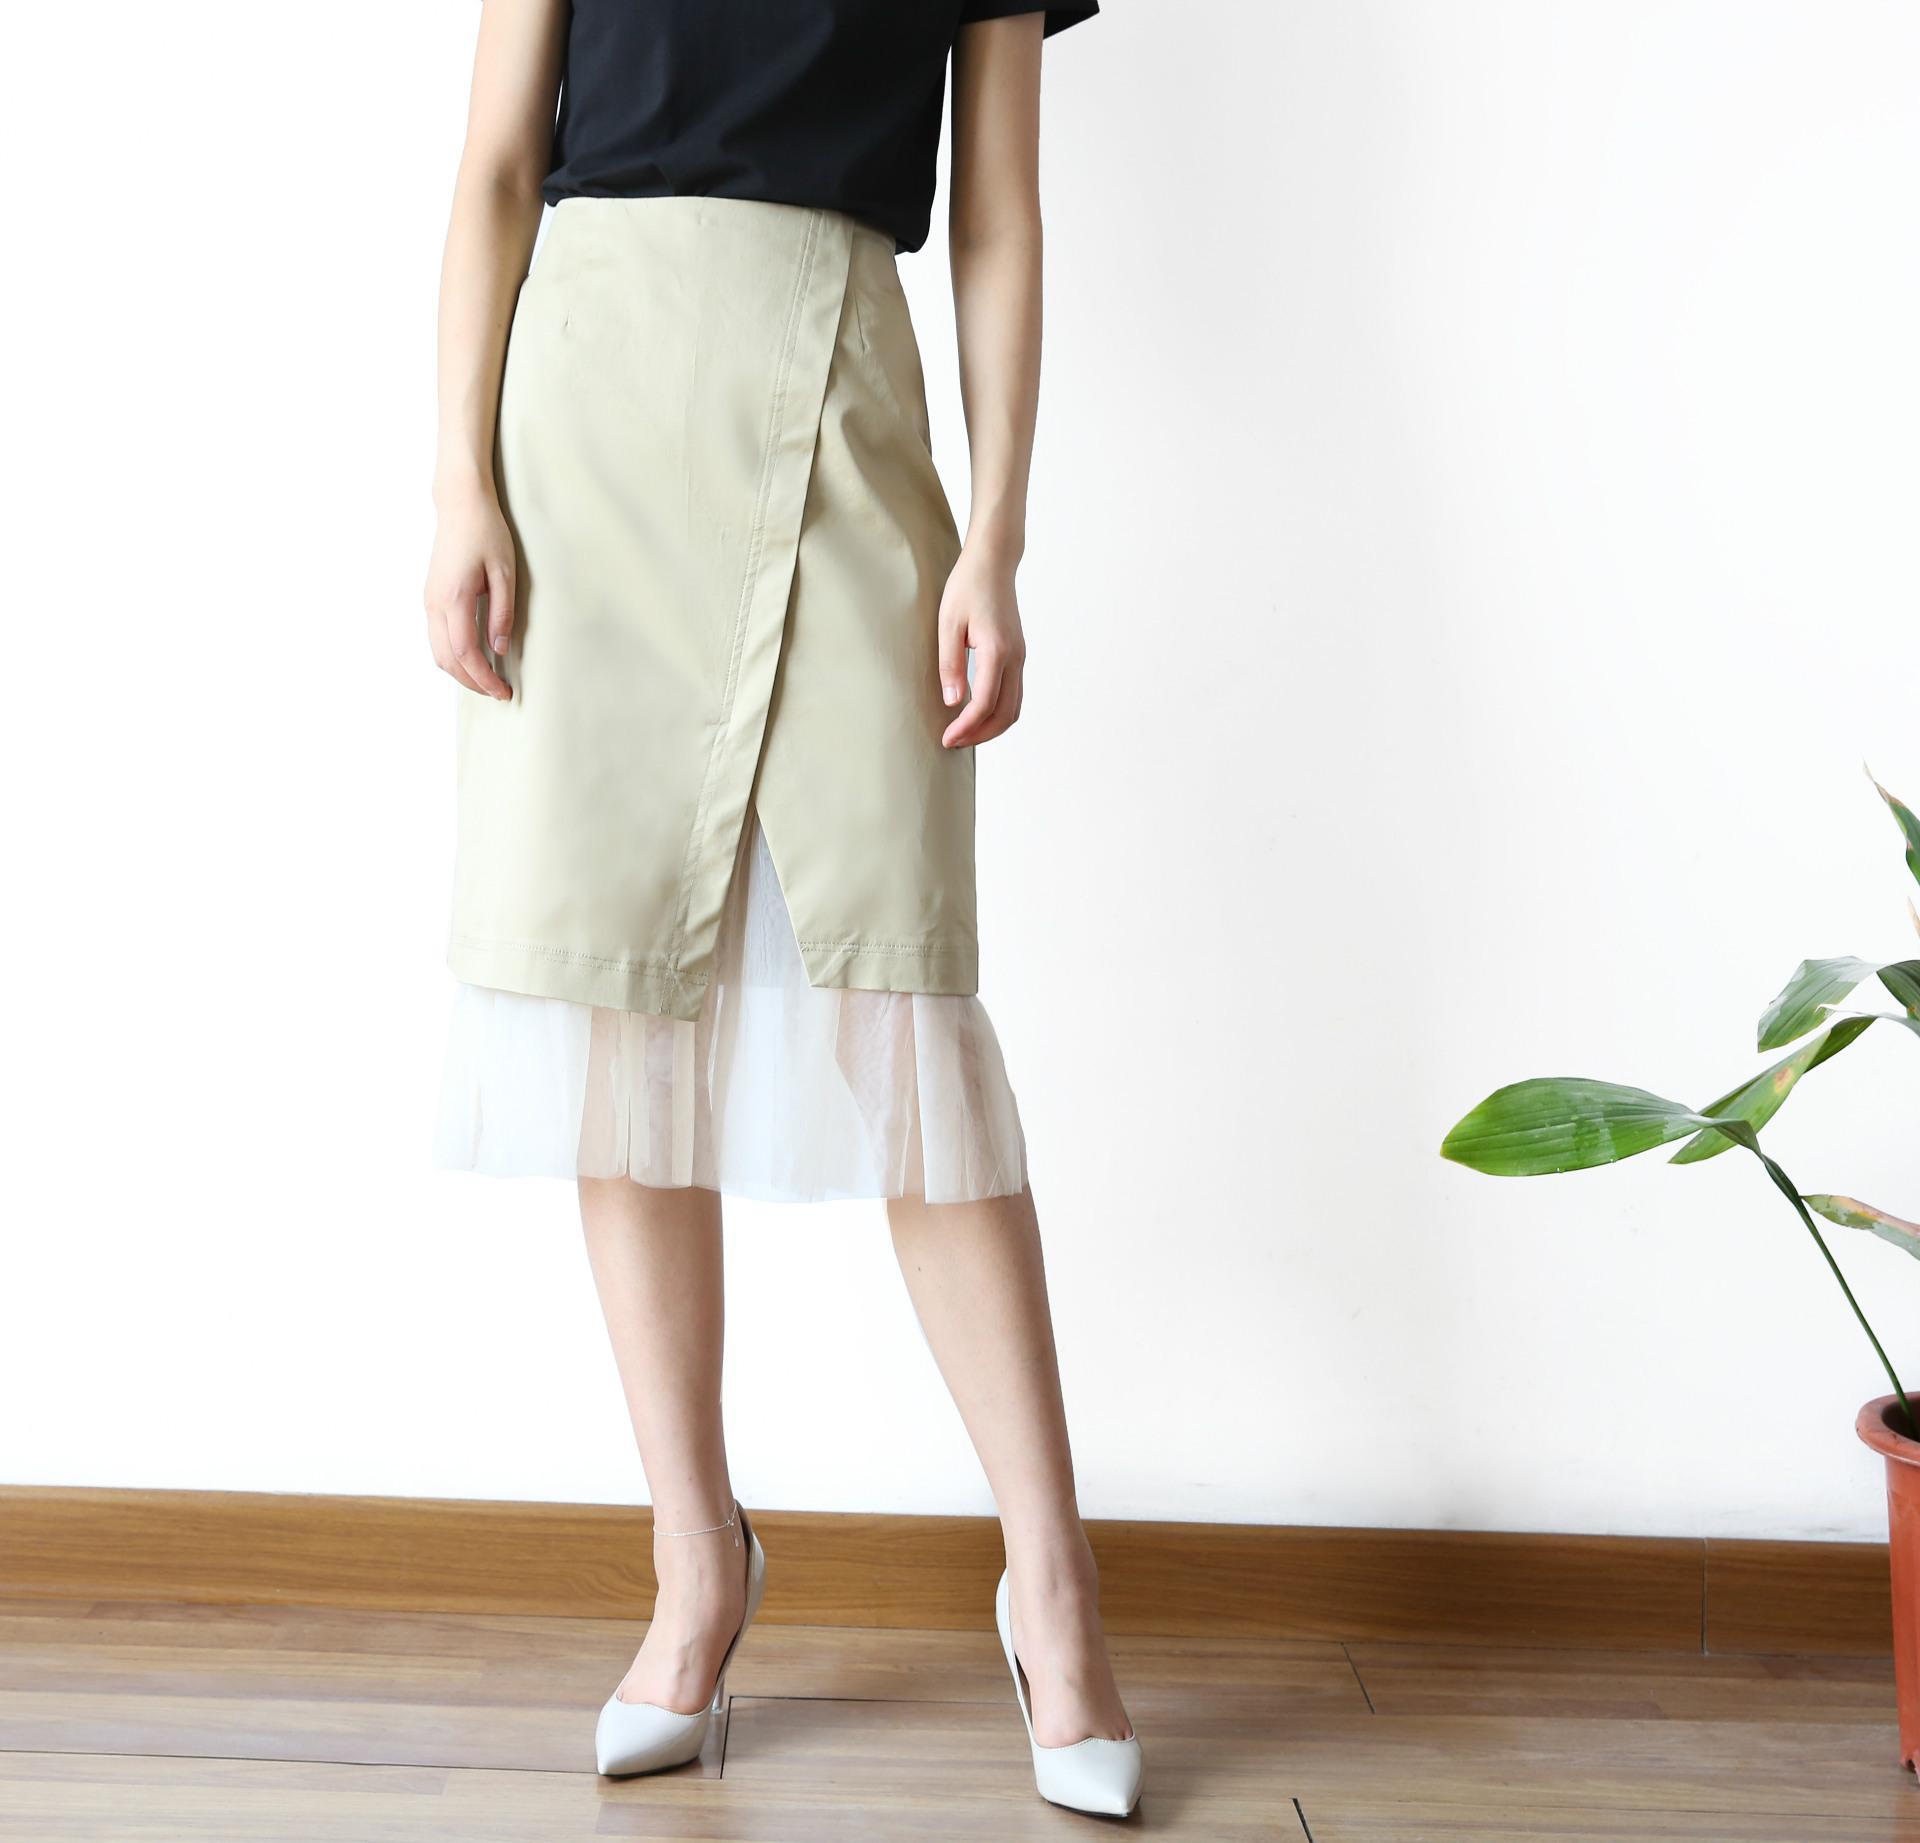 Hot vente automne dames sexy affaires occasionnels robe jupe courte en coton était sexy robe d'été décontractée